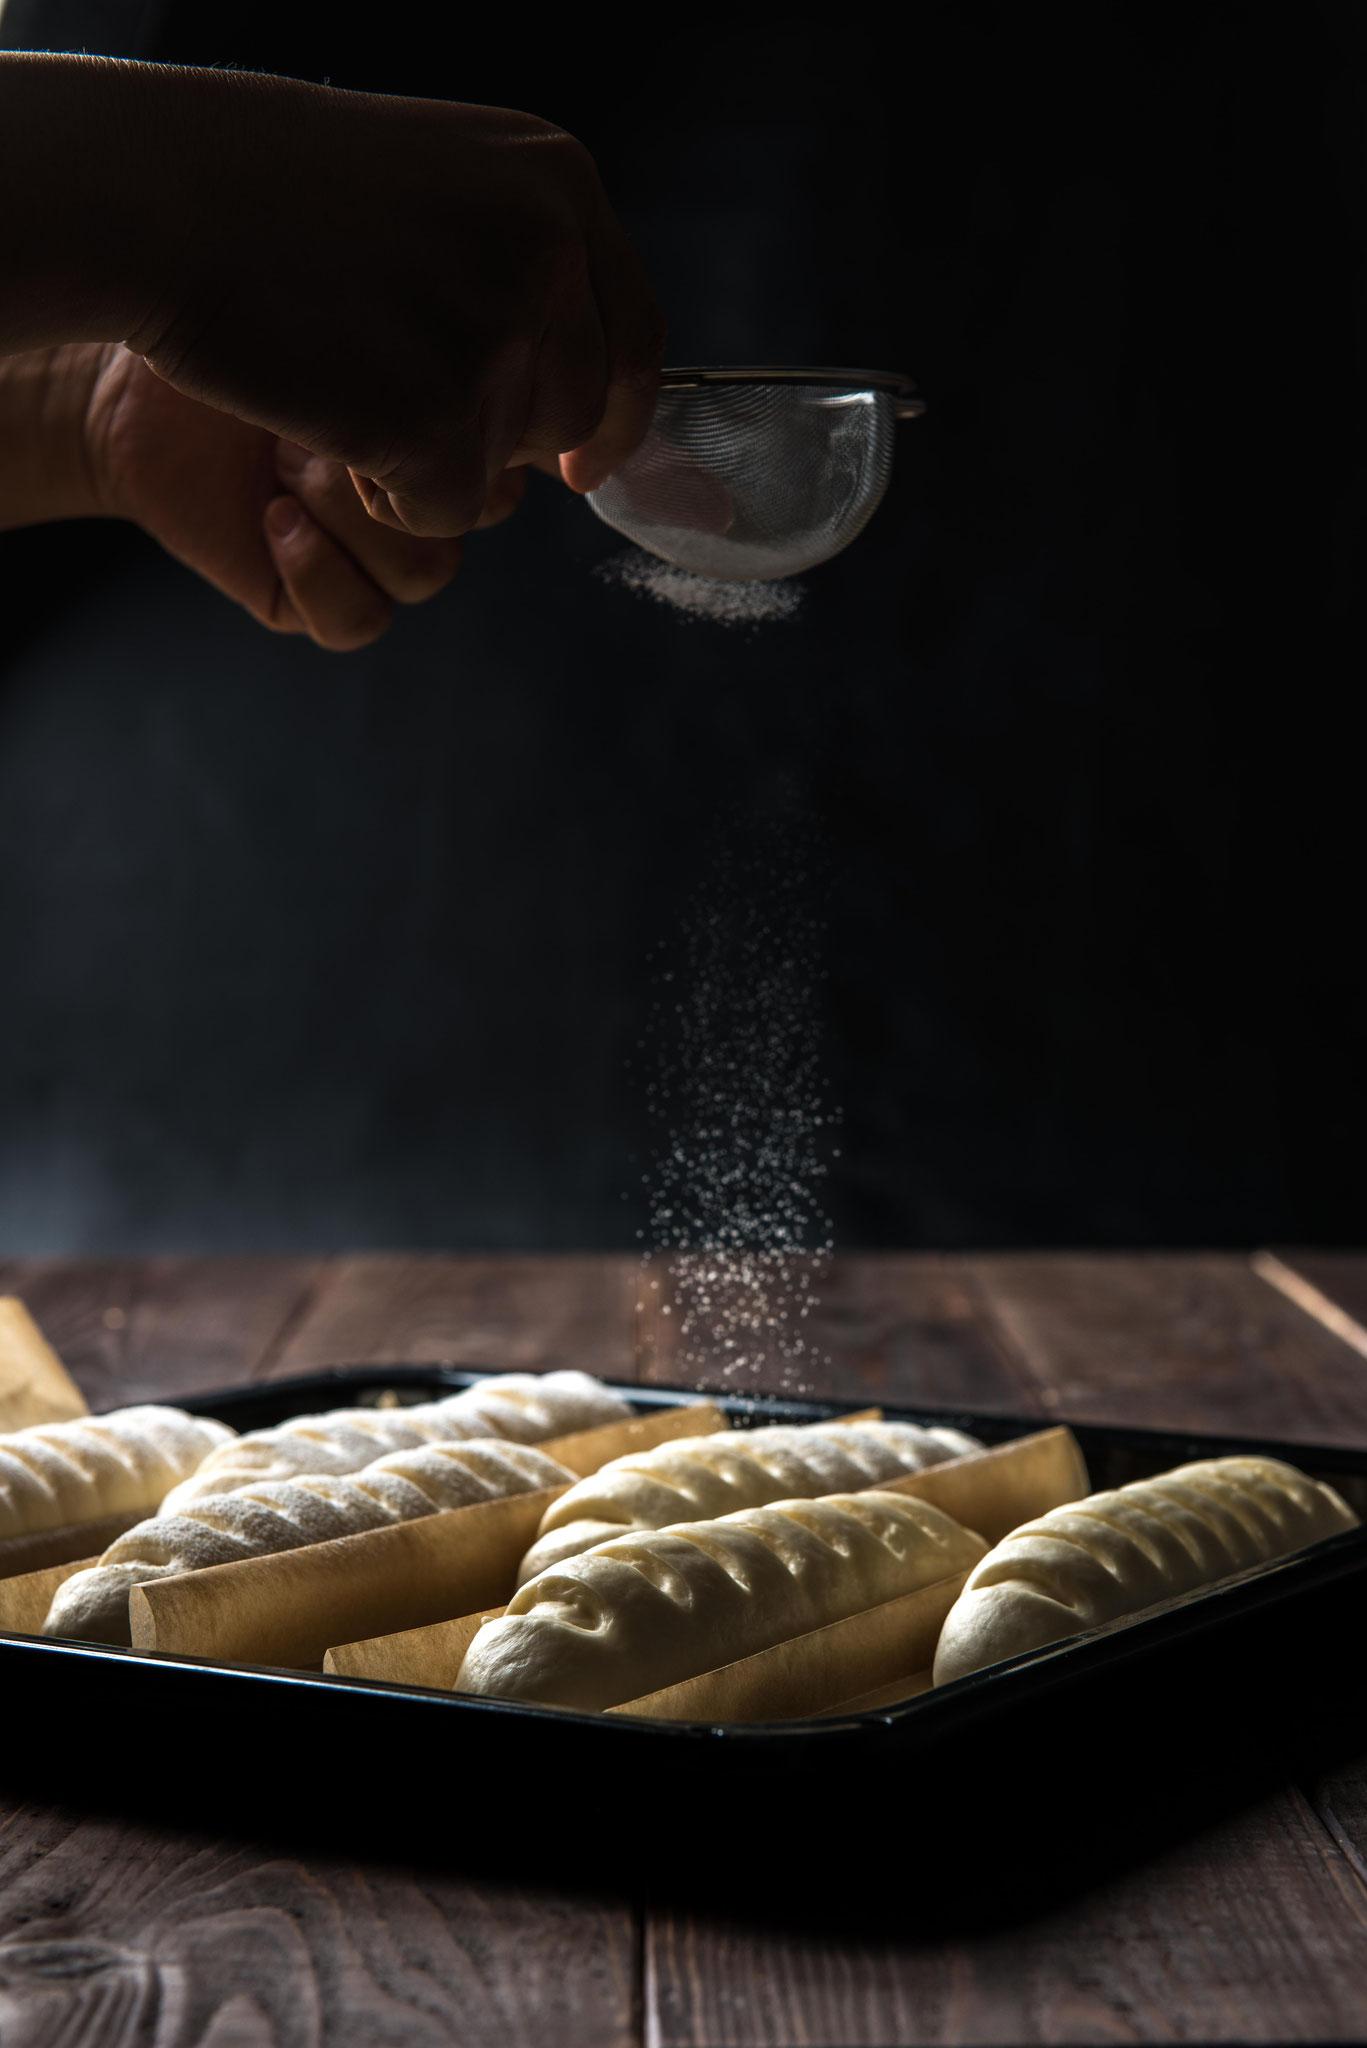 普段は見れない料理の調理過程写真も演出します。